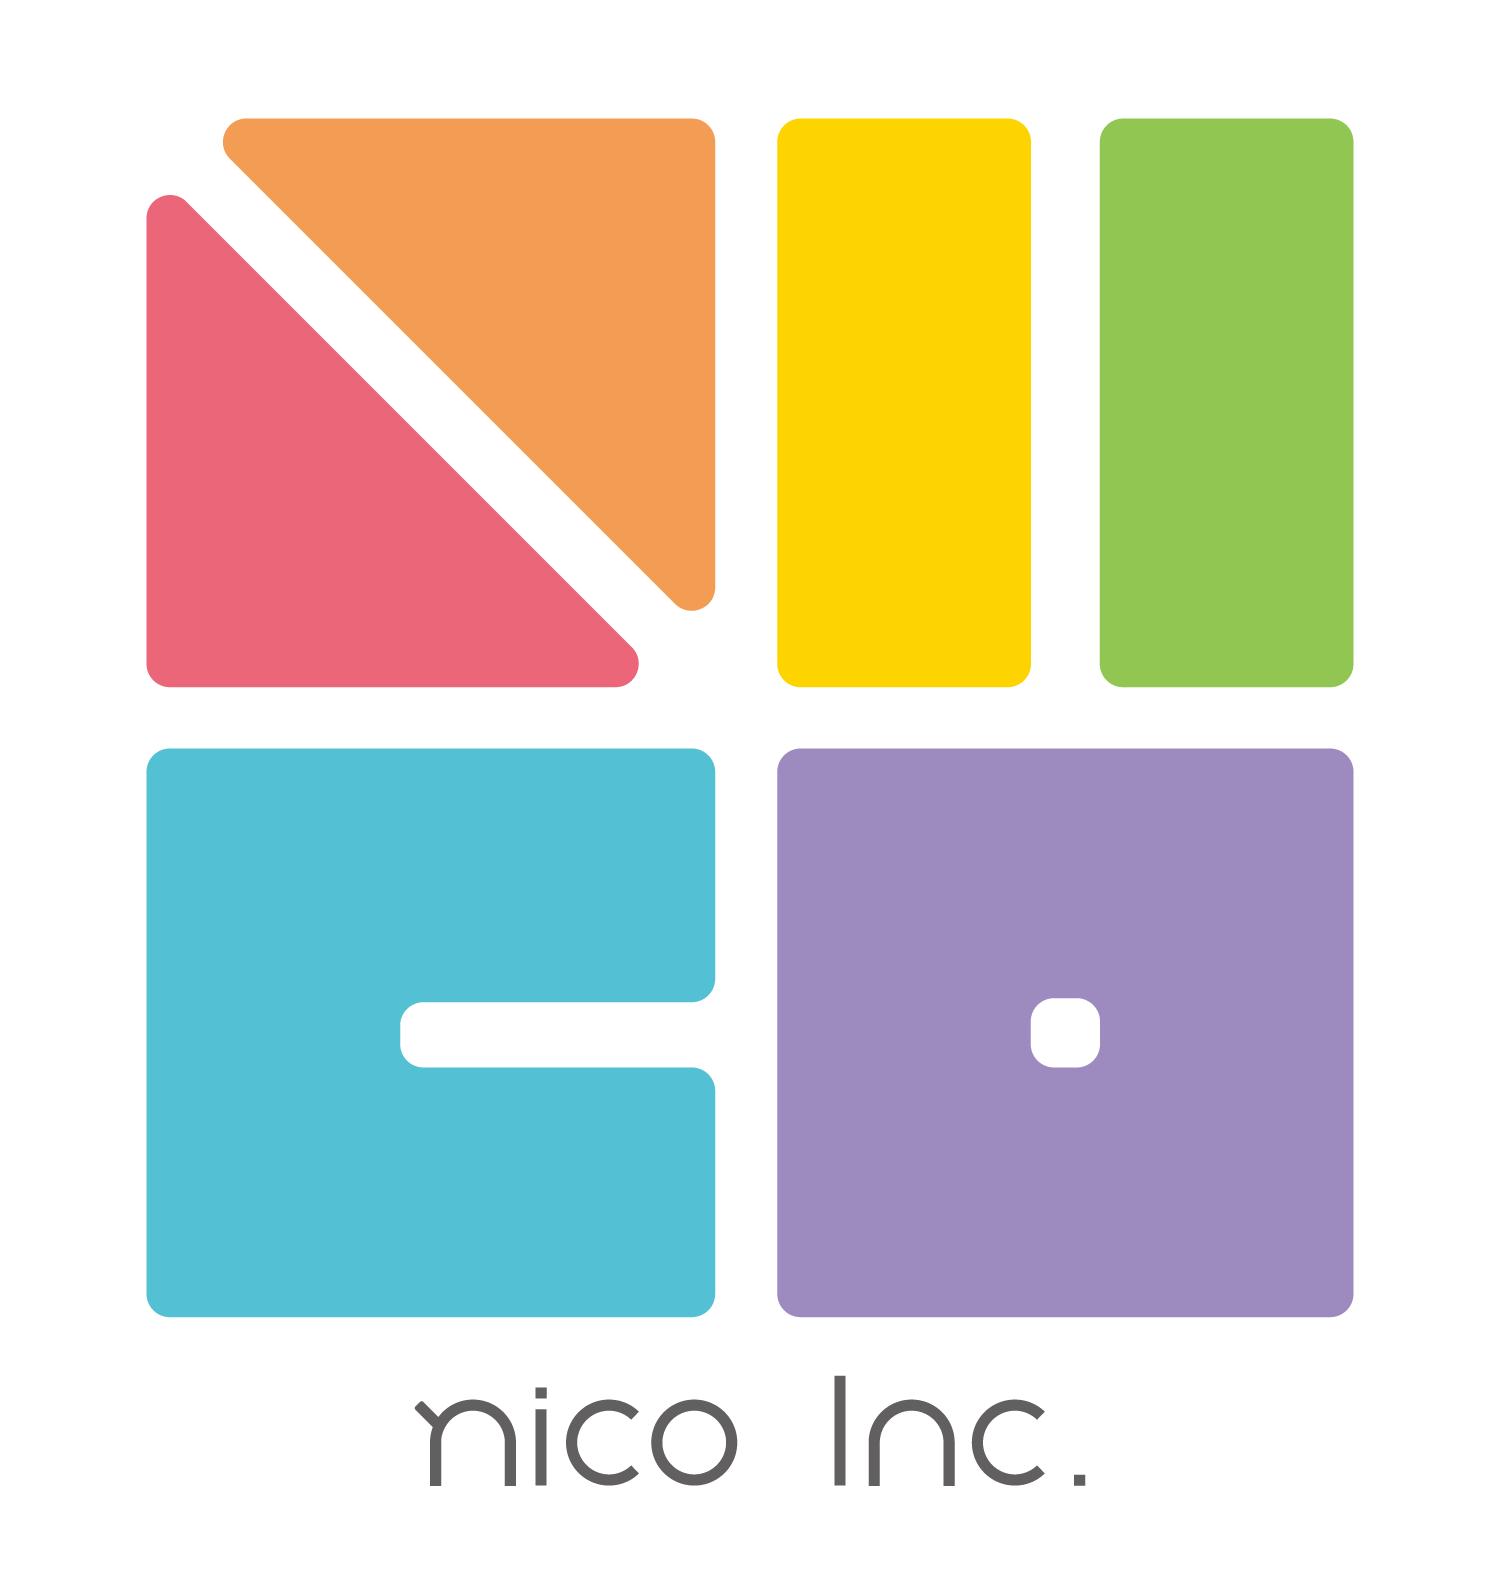 「株式会社ニコ」は、飲食事業・通信事業・イベント事業を札幌で展開しております。